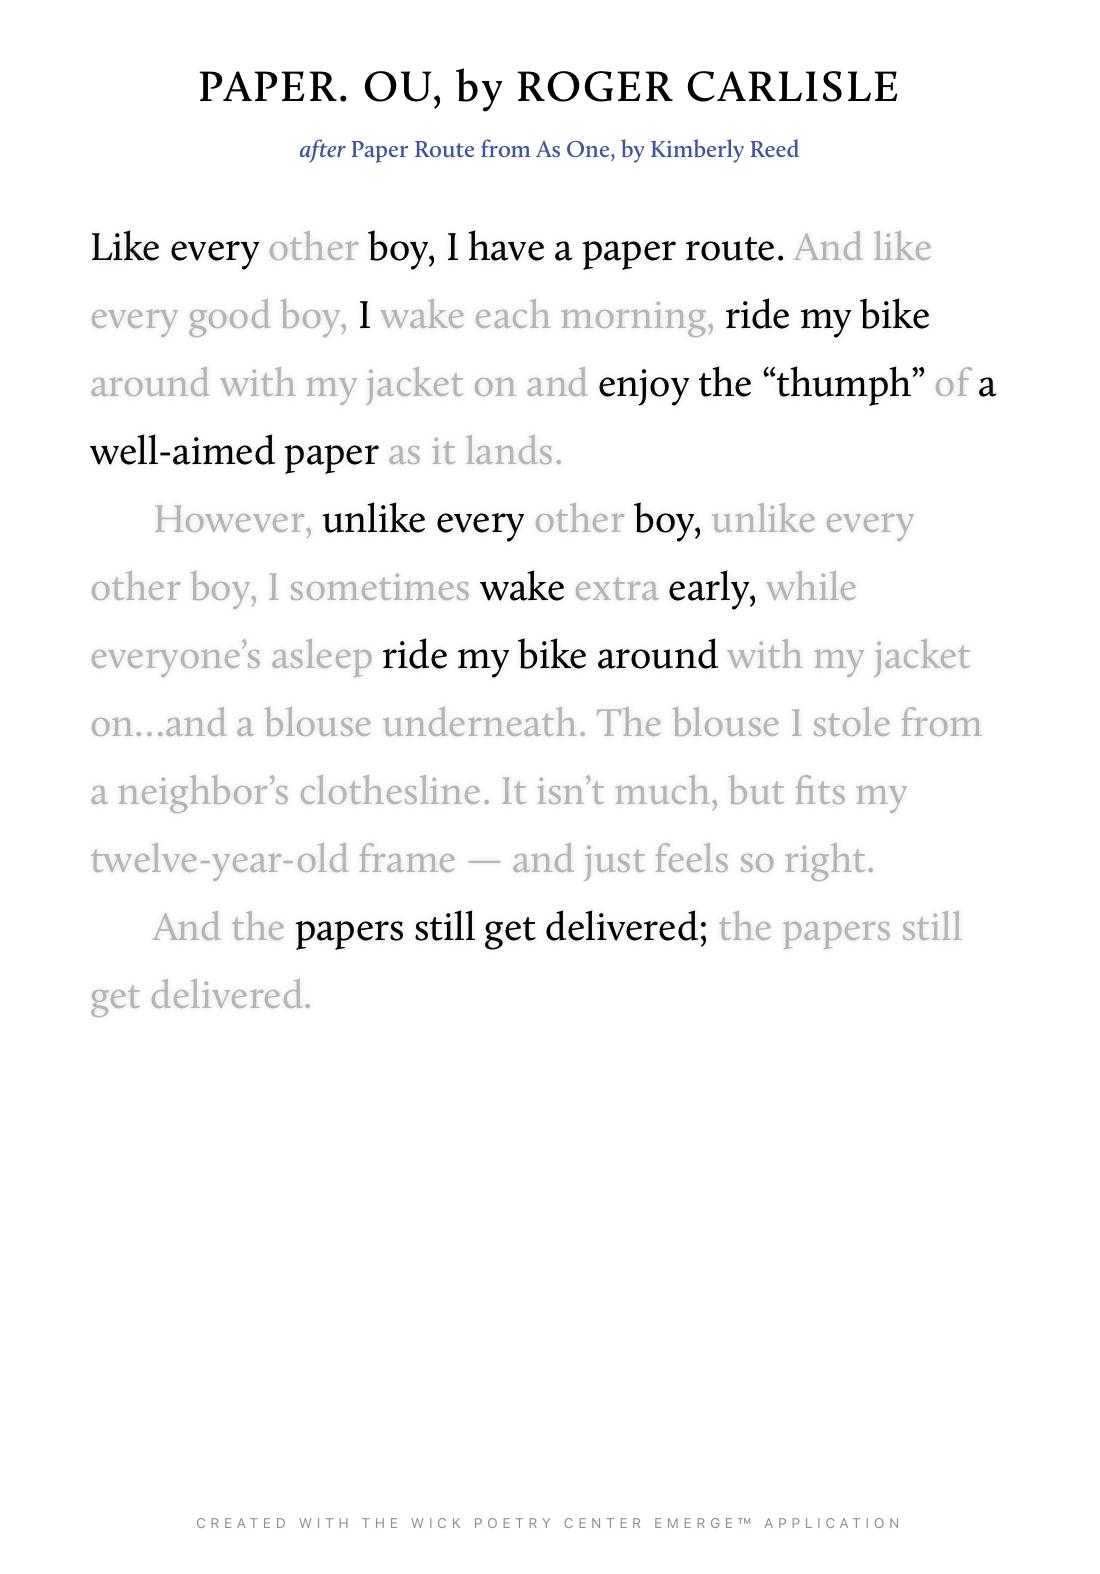 PAPER. OU